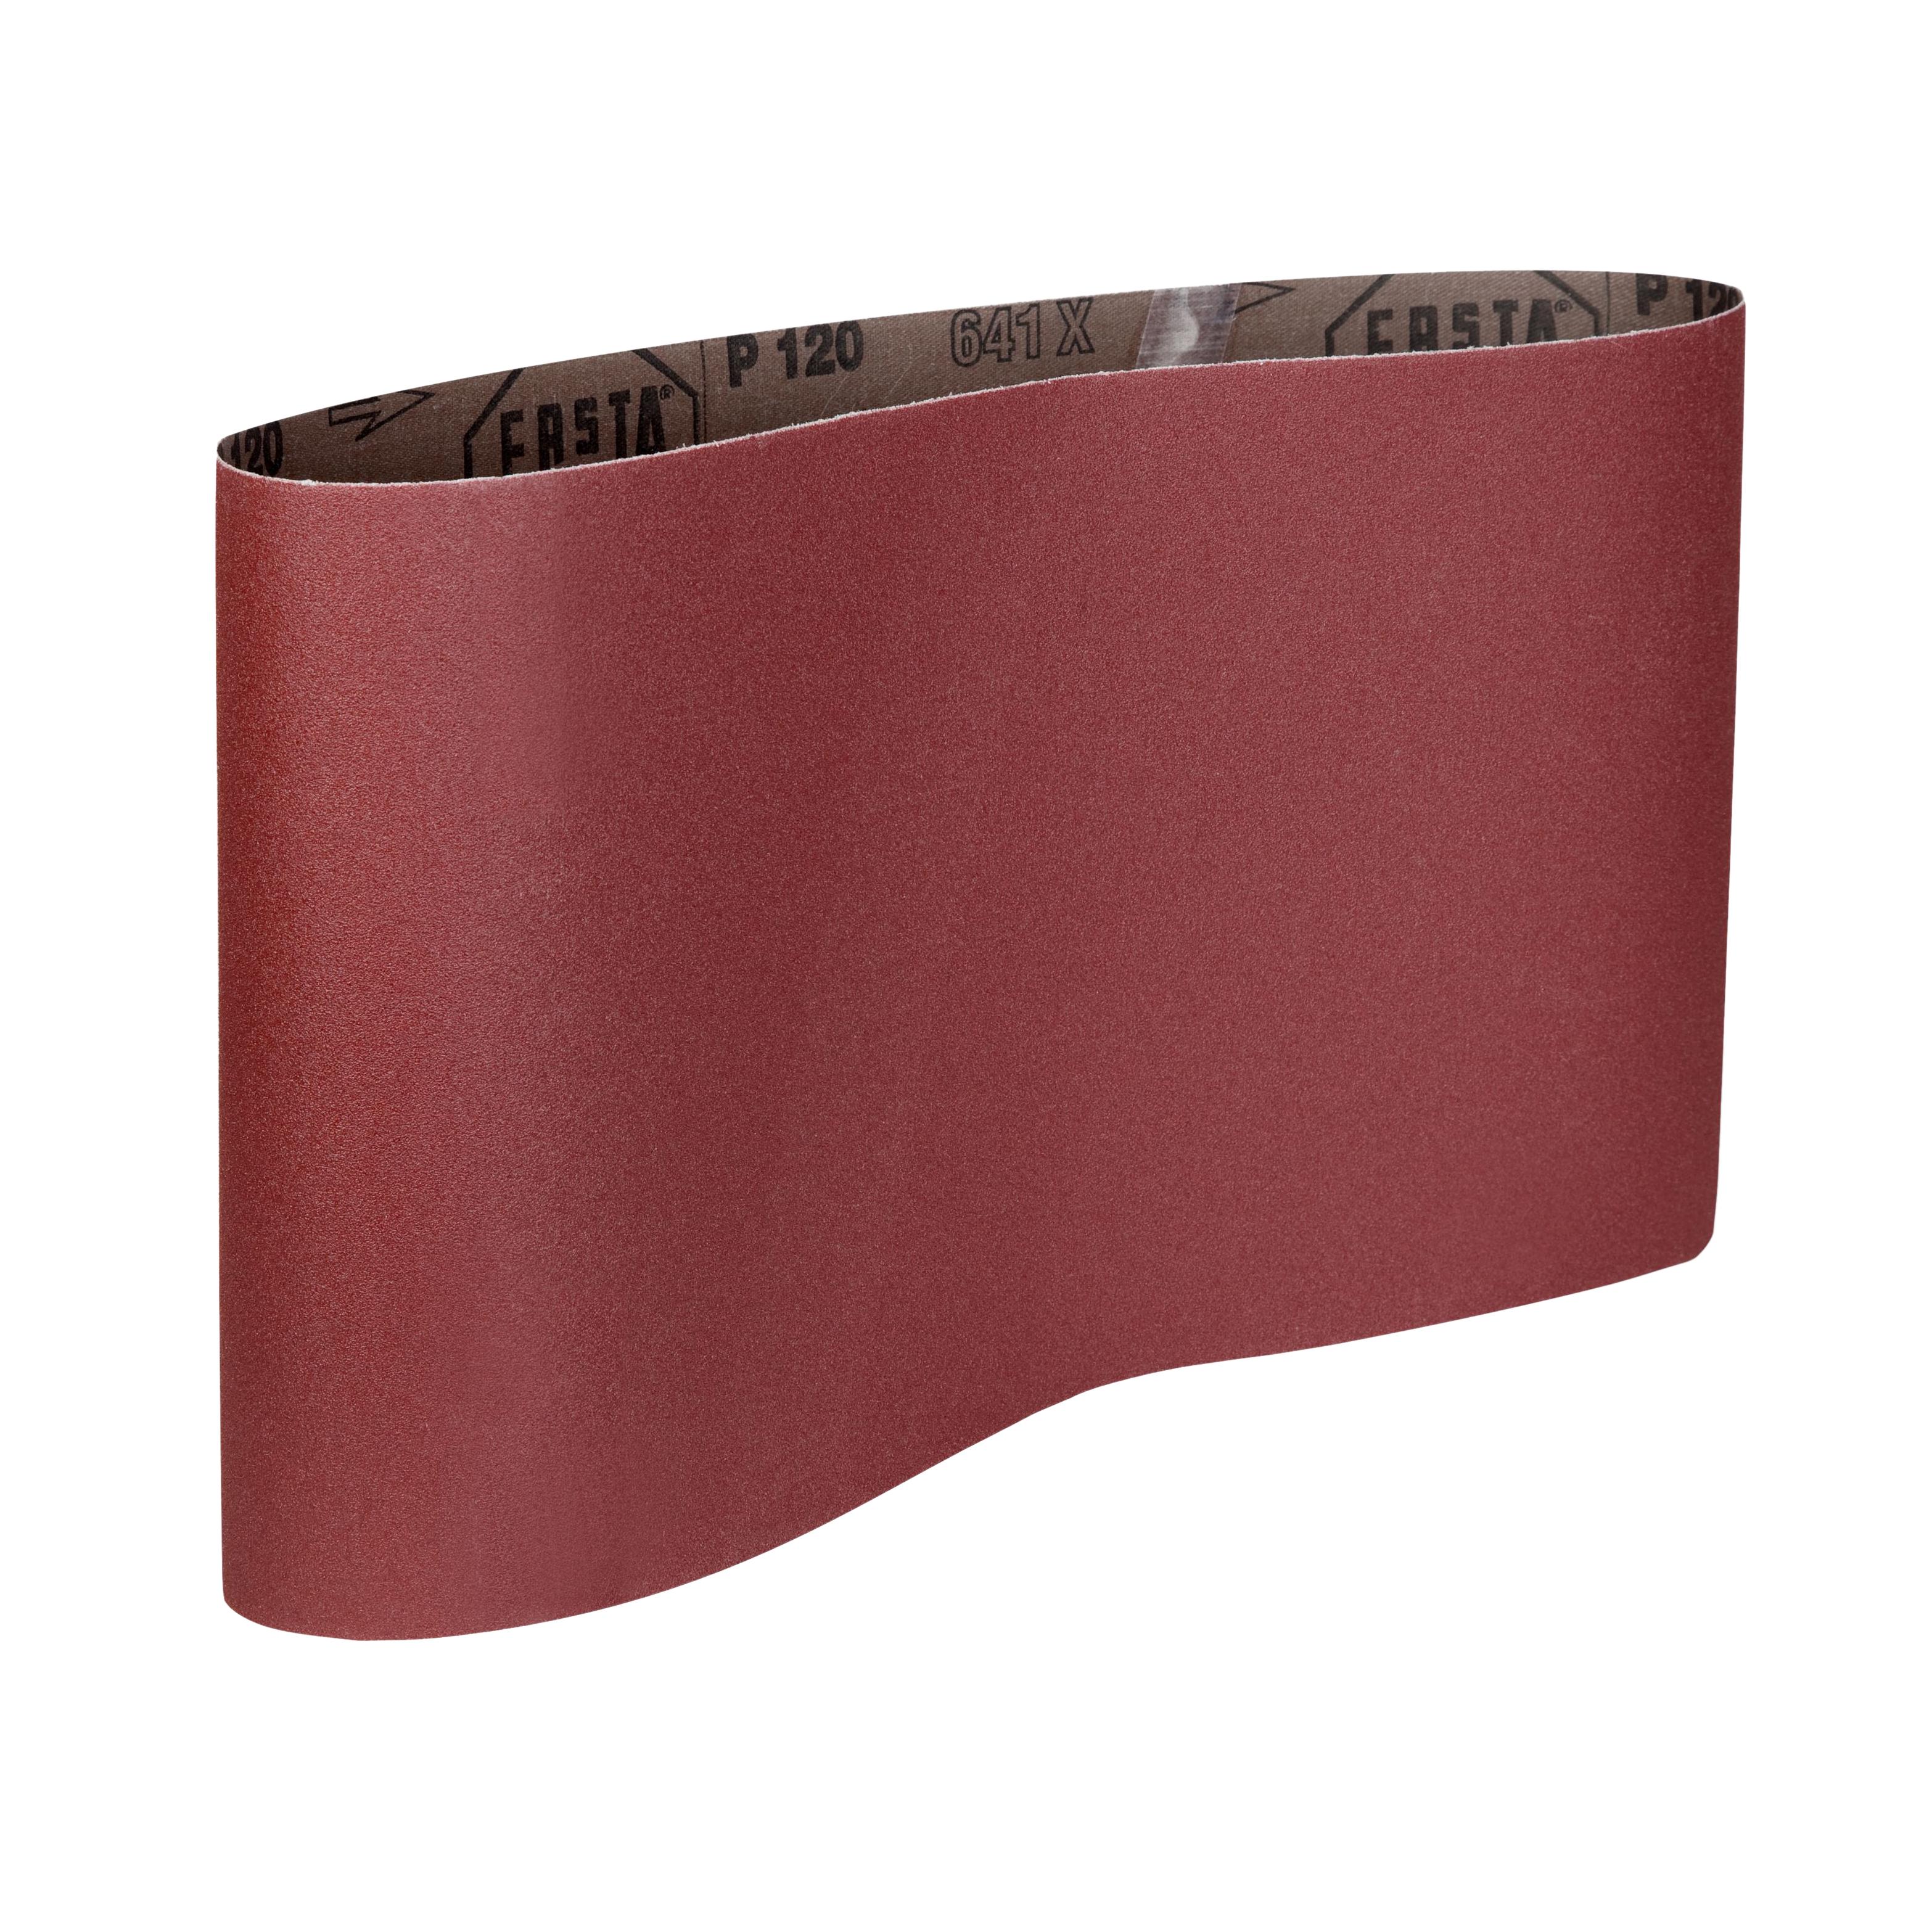 K 100 PARAT Belts Schleifband 200x750mm